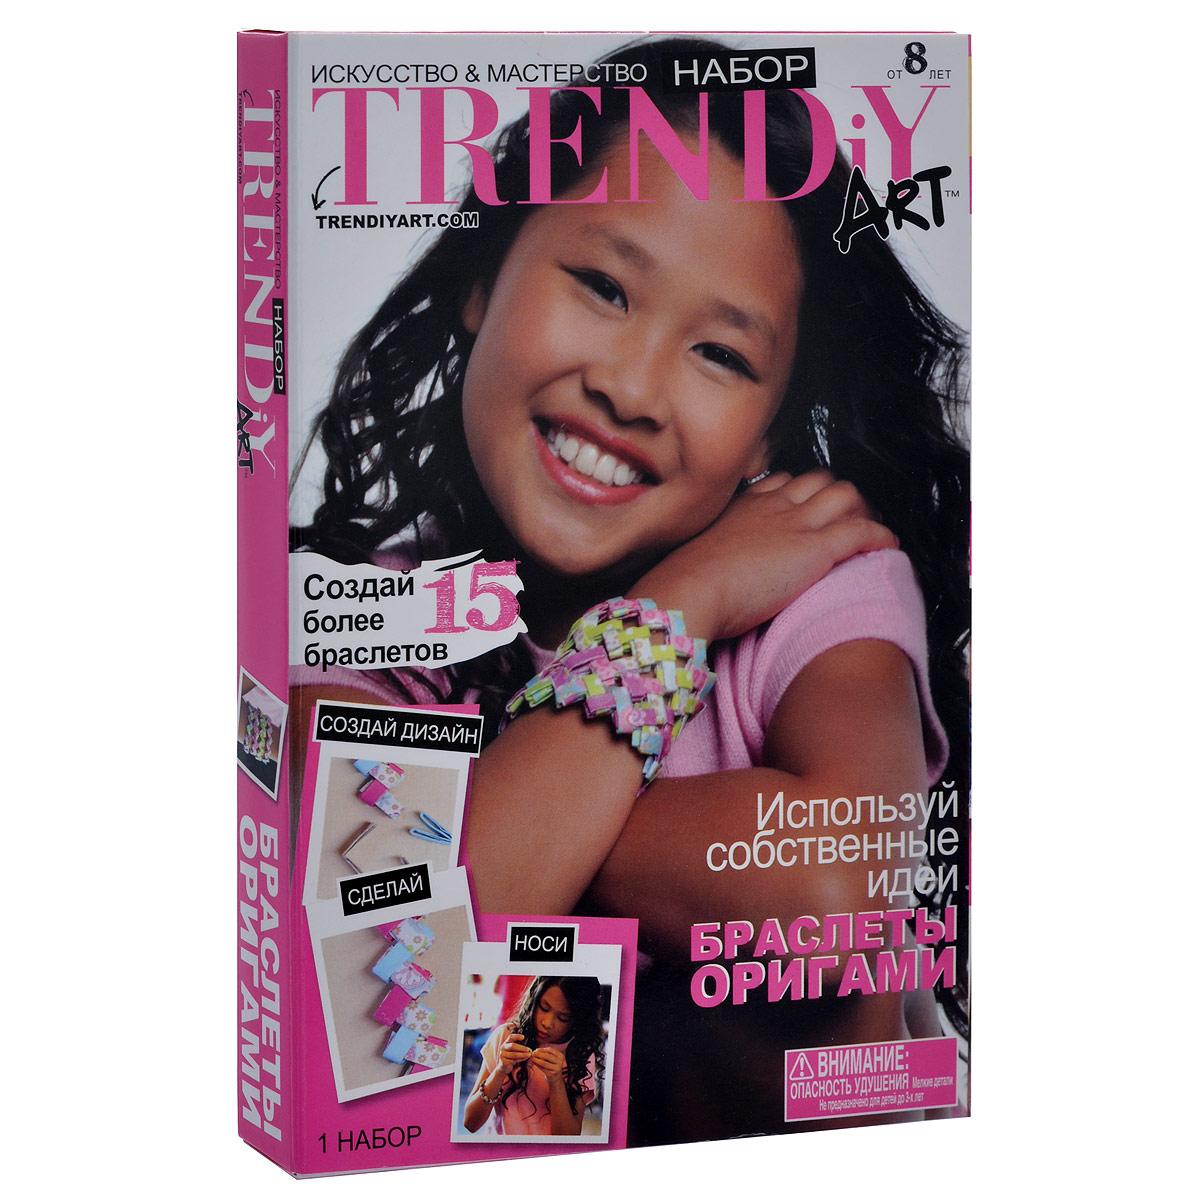 Набор для создания украшений Trendy Art Браслеты Оригами40102Trendy Art - это наборы для создания украшений юным модницам. В красочной коробке в виде модного журнала упакован набор для создания браслетов Оригами. Такие браслеты будут только у вашей красавицы! Кроме набора для творчества девочка найдет в коробке модный журнал с полезными советами по стилю и красоте. Девочки будут в восторге от такого подарка. В комплекте: 1 коробка, 1 иллюстрированная инструкция, 1 полиэтиленовый пакет, 25 бумажных прямоугольников 7,5 см x 2,5 см, 10 различных узоров.